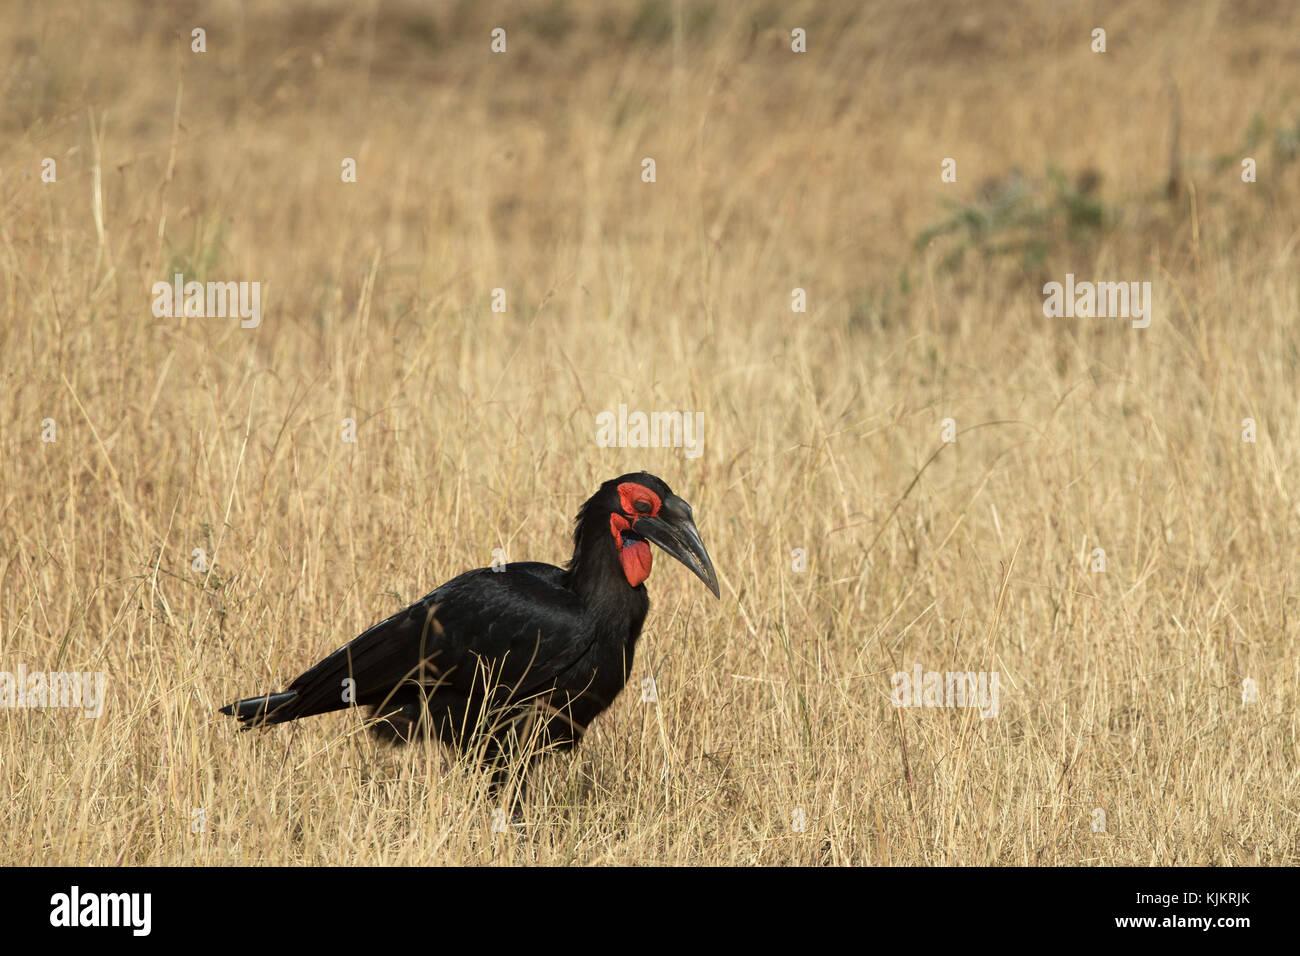 Parque Nacional del Serengeti. Tierra del Sur (Bucorvus leadbeateri bucero) . La República Unida de Tanzanía. Foto de stock